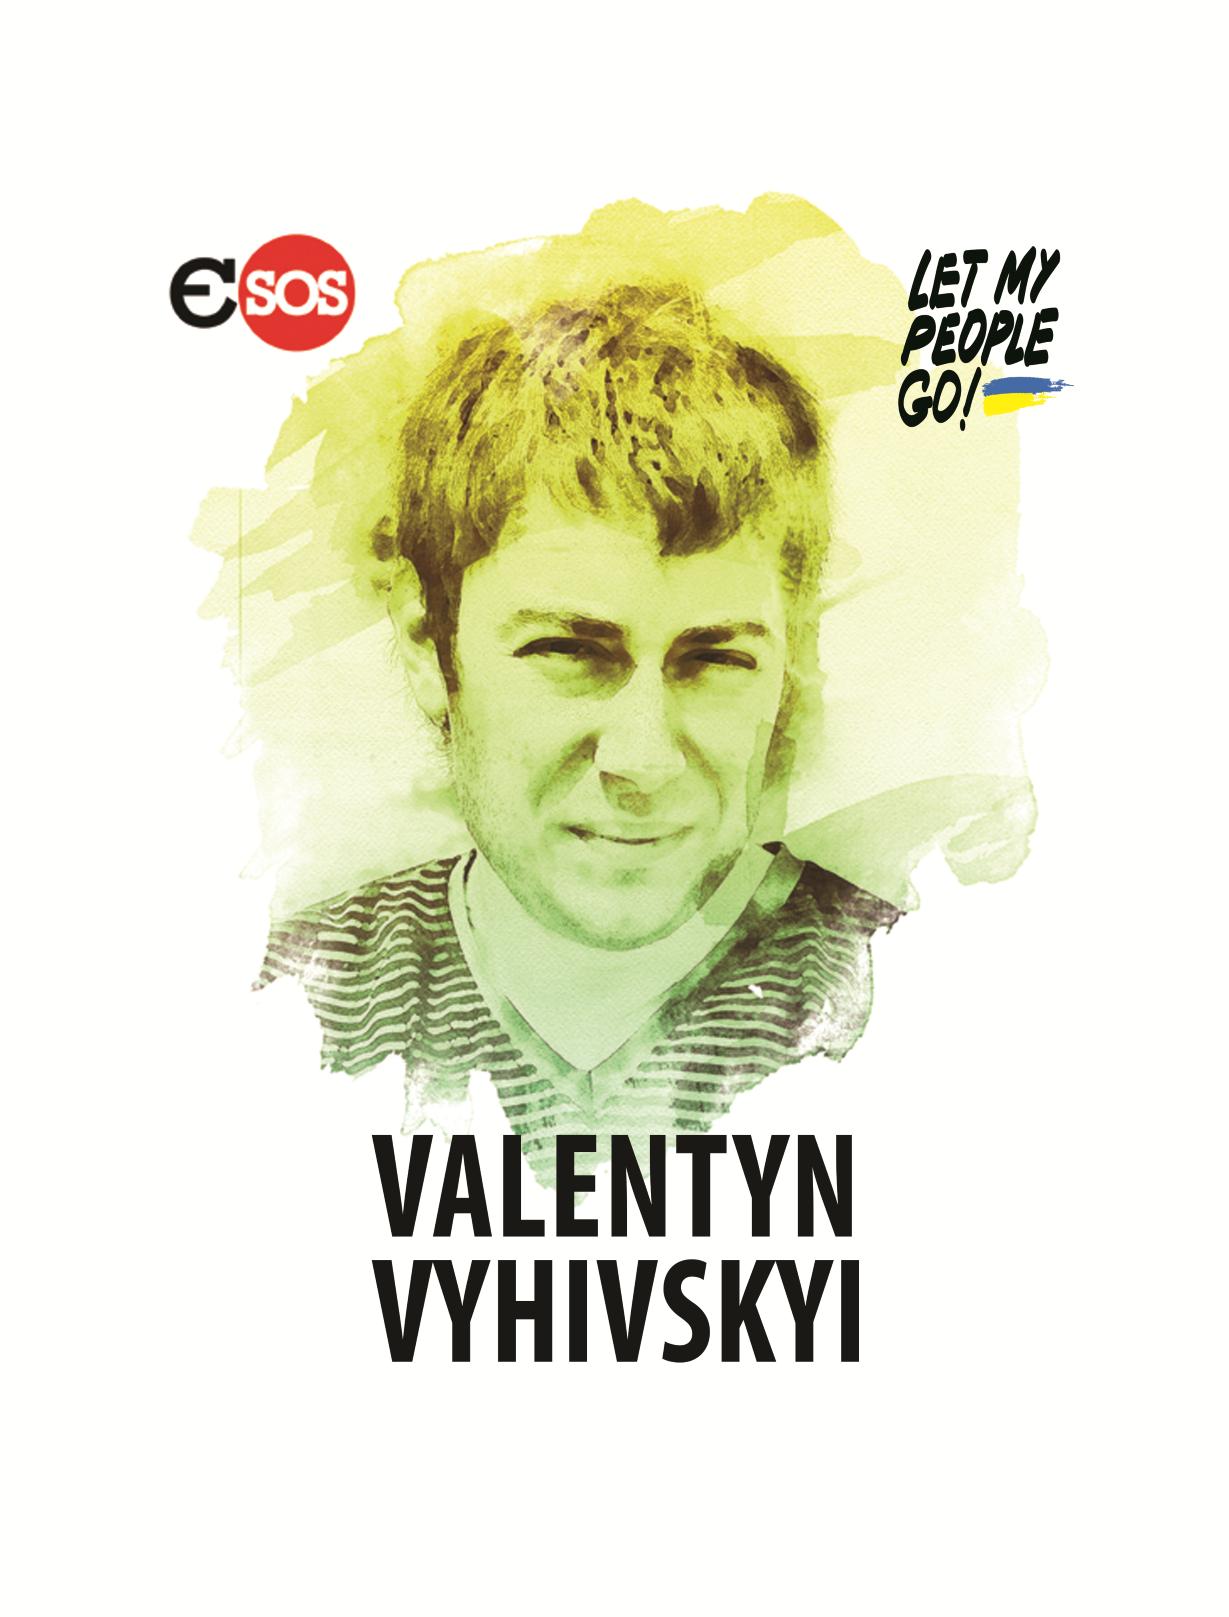 Vykhivski